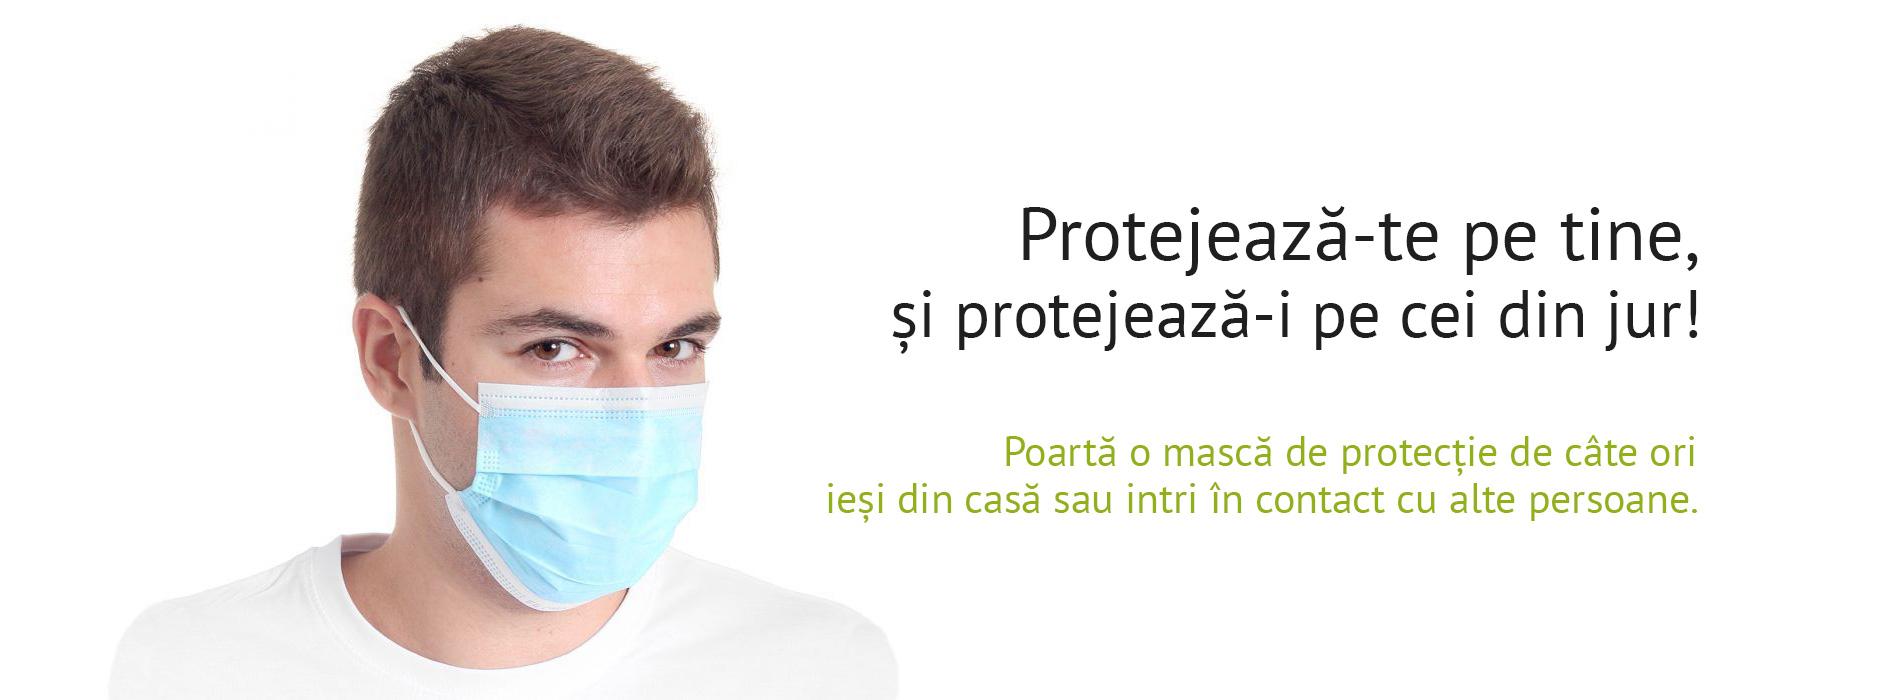 Protejează-te pe tine și protejează-i pe cei din jur